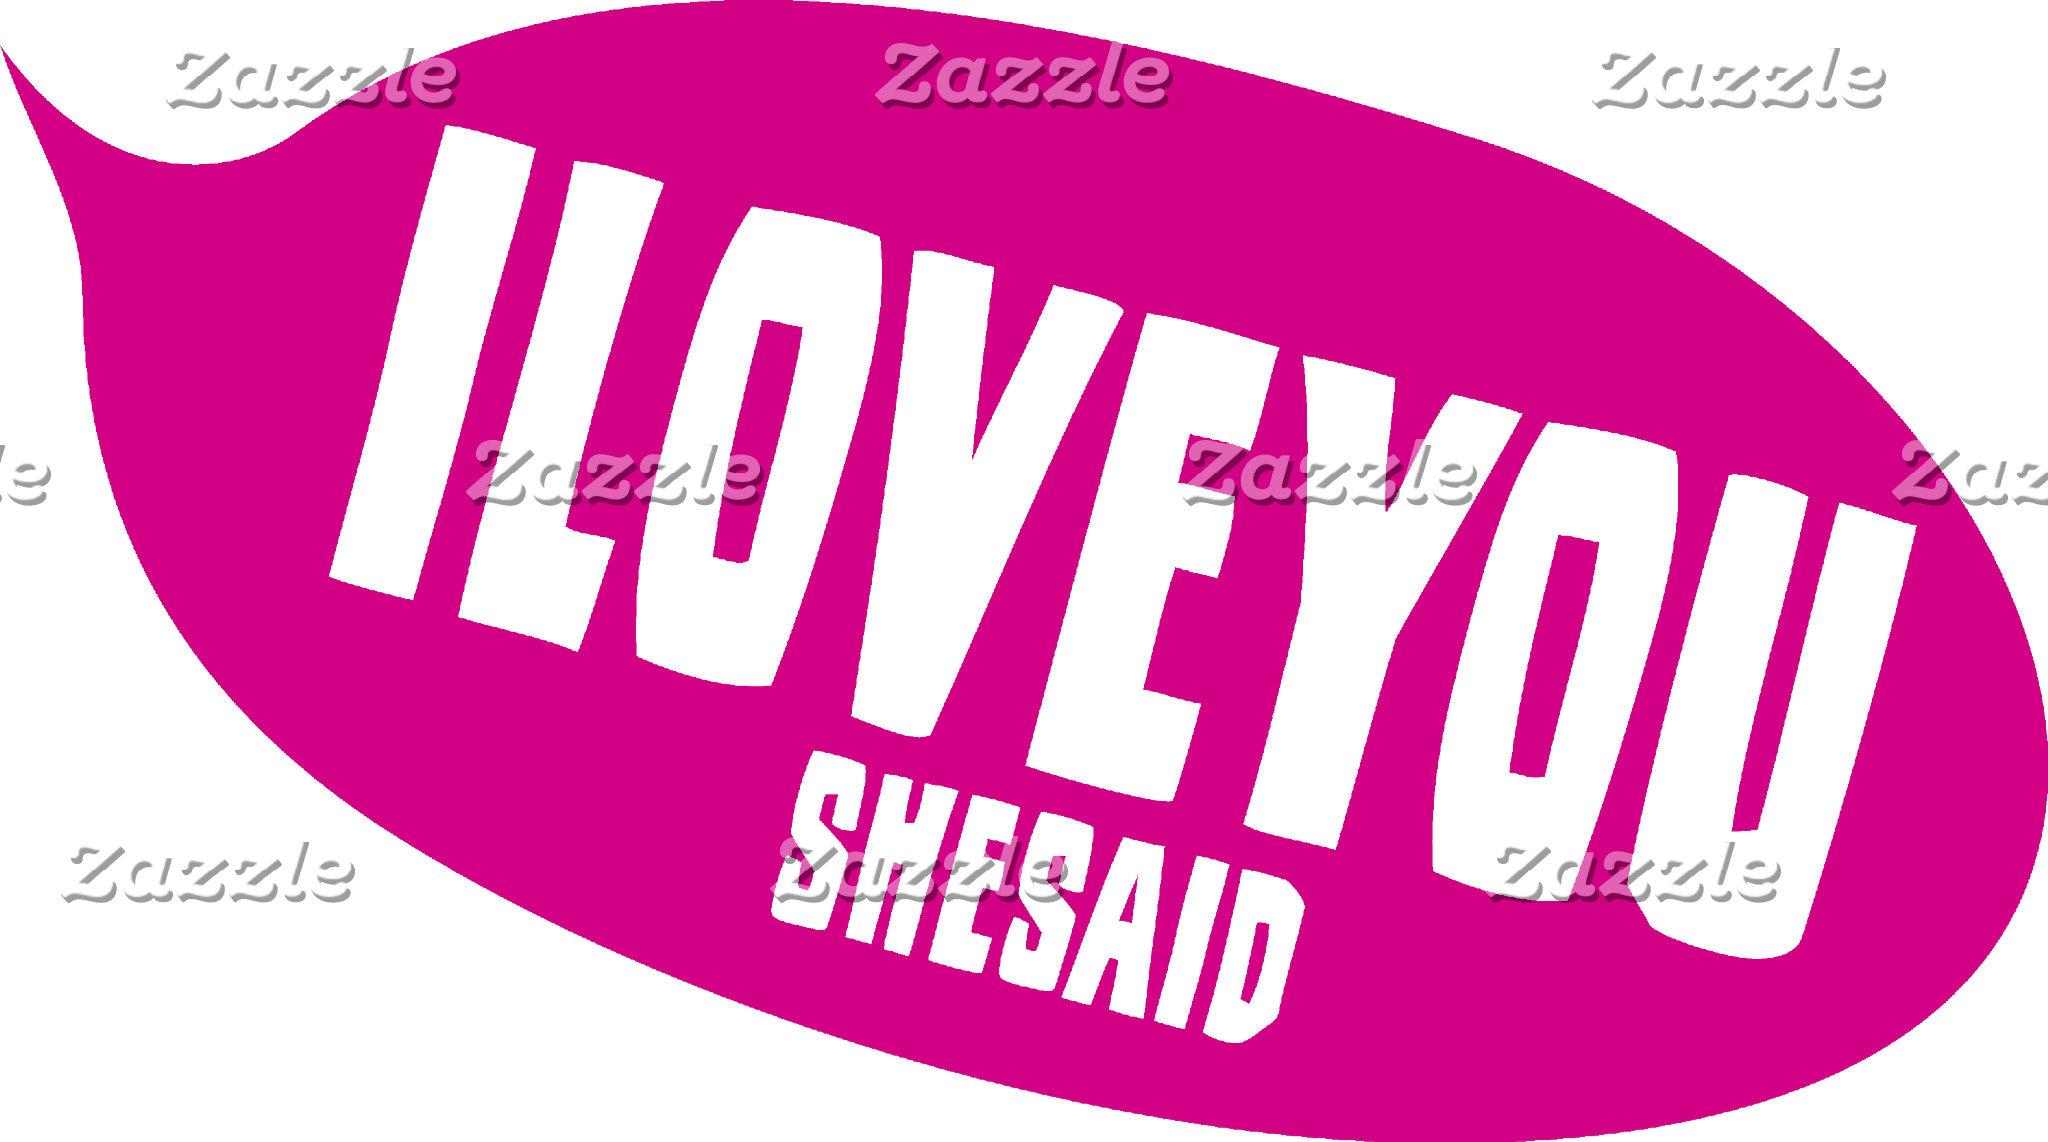 I Love You She Said